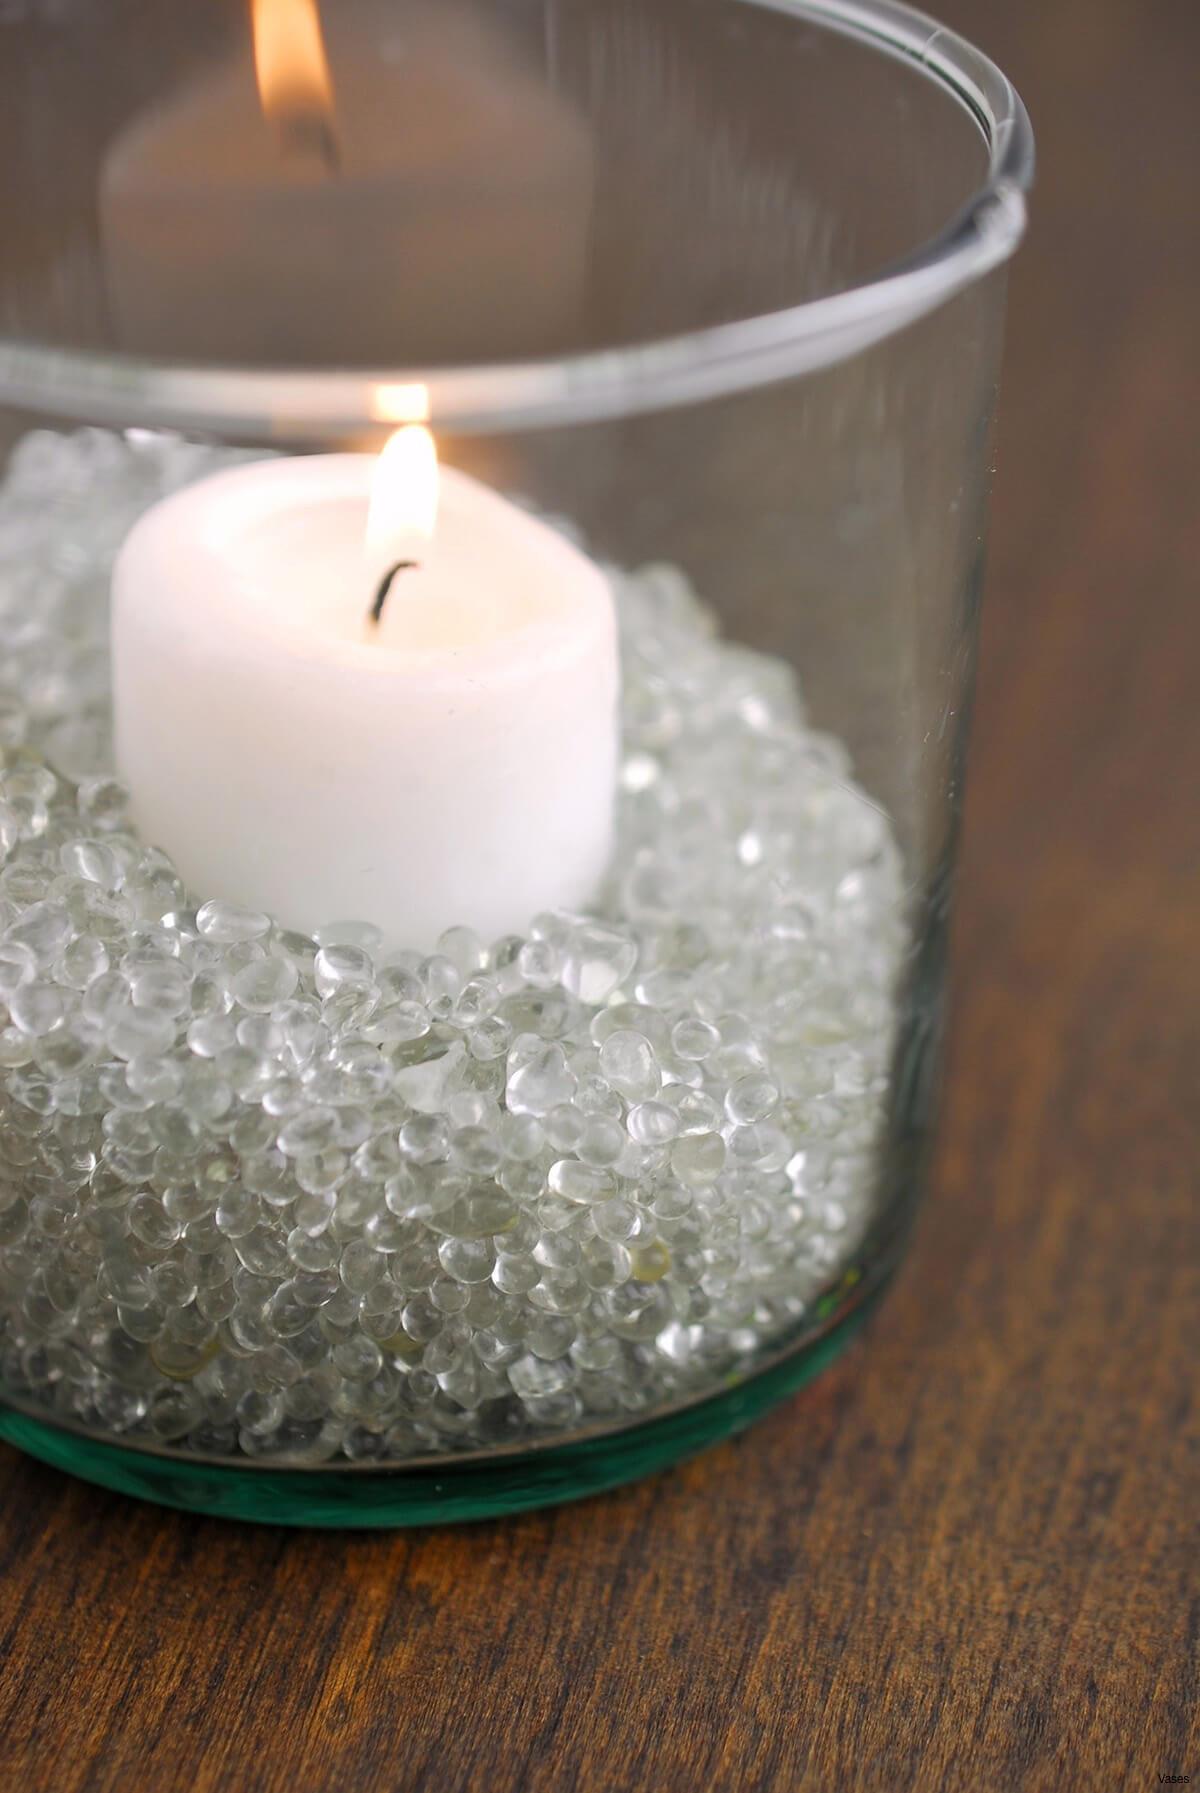 clear crystal vase fillers of glass vase fillers pics glass bead vase filler 1 4h vases candle with regard to glass vase fillers pics glass bead vase filler 1 4h vases candle fillers clear 2 cups